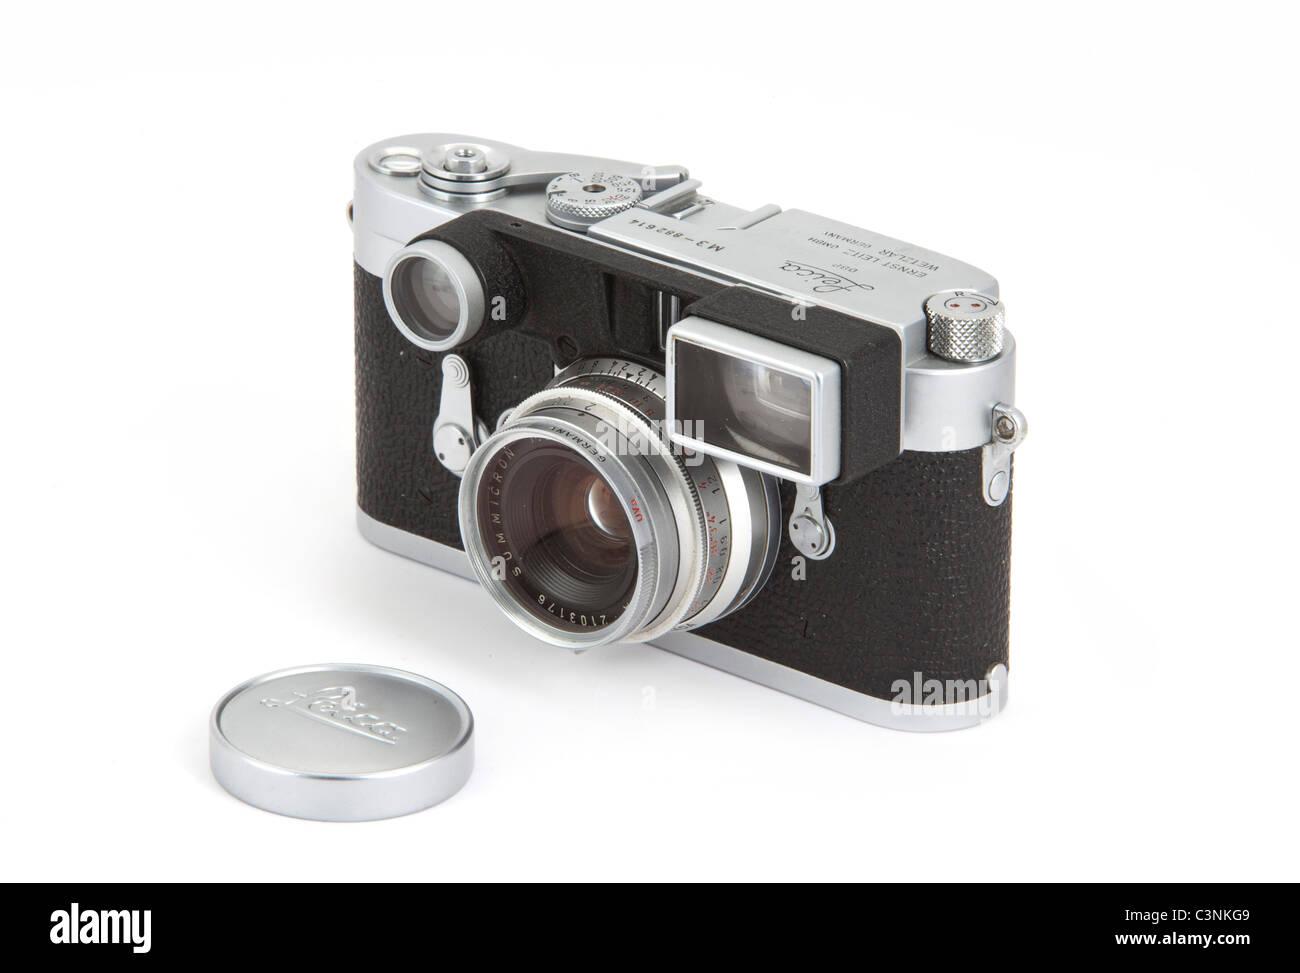 l 39 avant de l 39 appareil photo leica m3 classique body double stroke 1957 en argent 35mm f 2. Black Bedroom Furniture Sets. Home Design Ideas